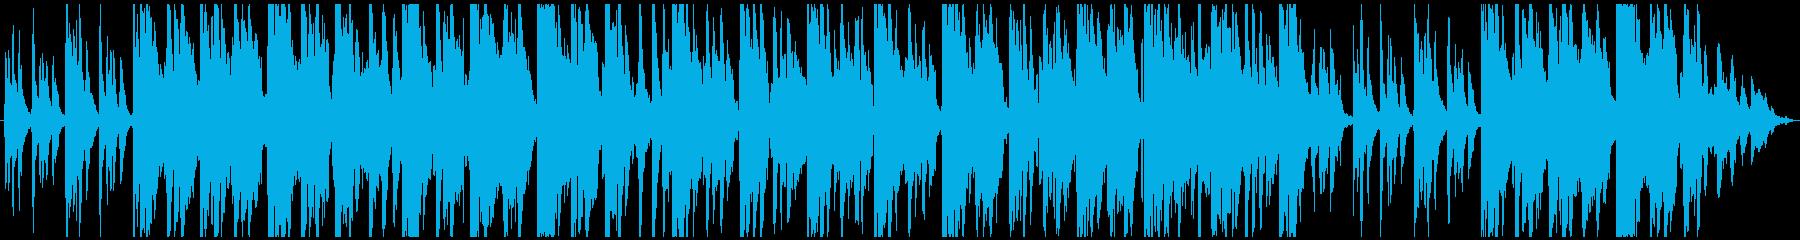 自然系ダンジョン向け、静かでミステリアスの再生済みの波形